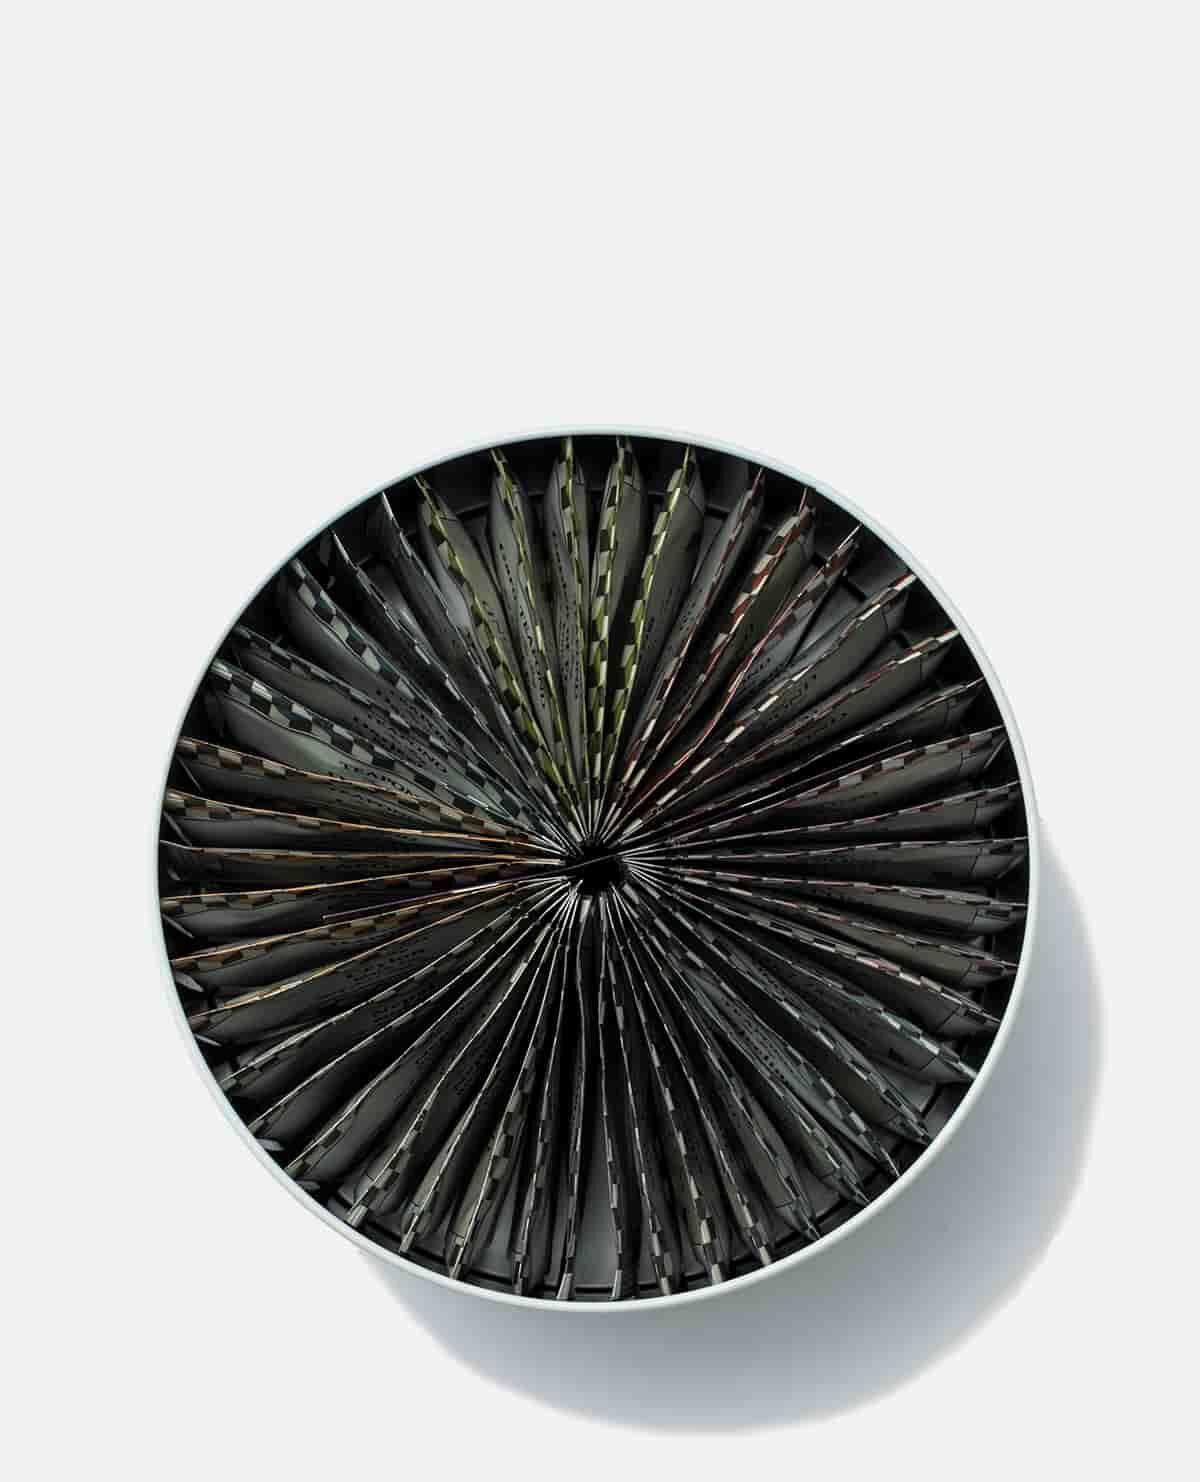 ティーバッグセレクション 大缶入り ギフトセット 48個入り(TEAPOND紅茶)